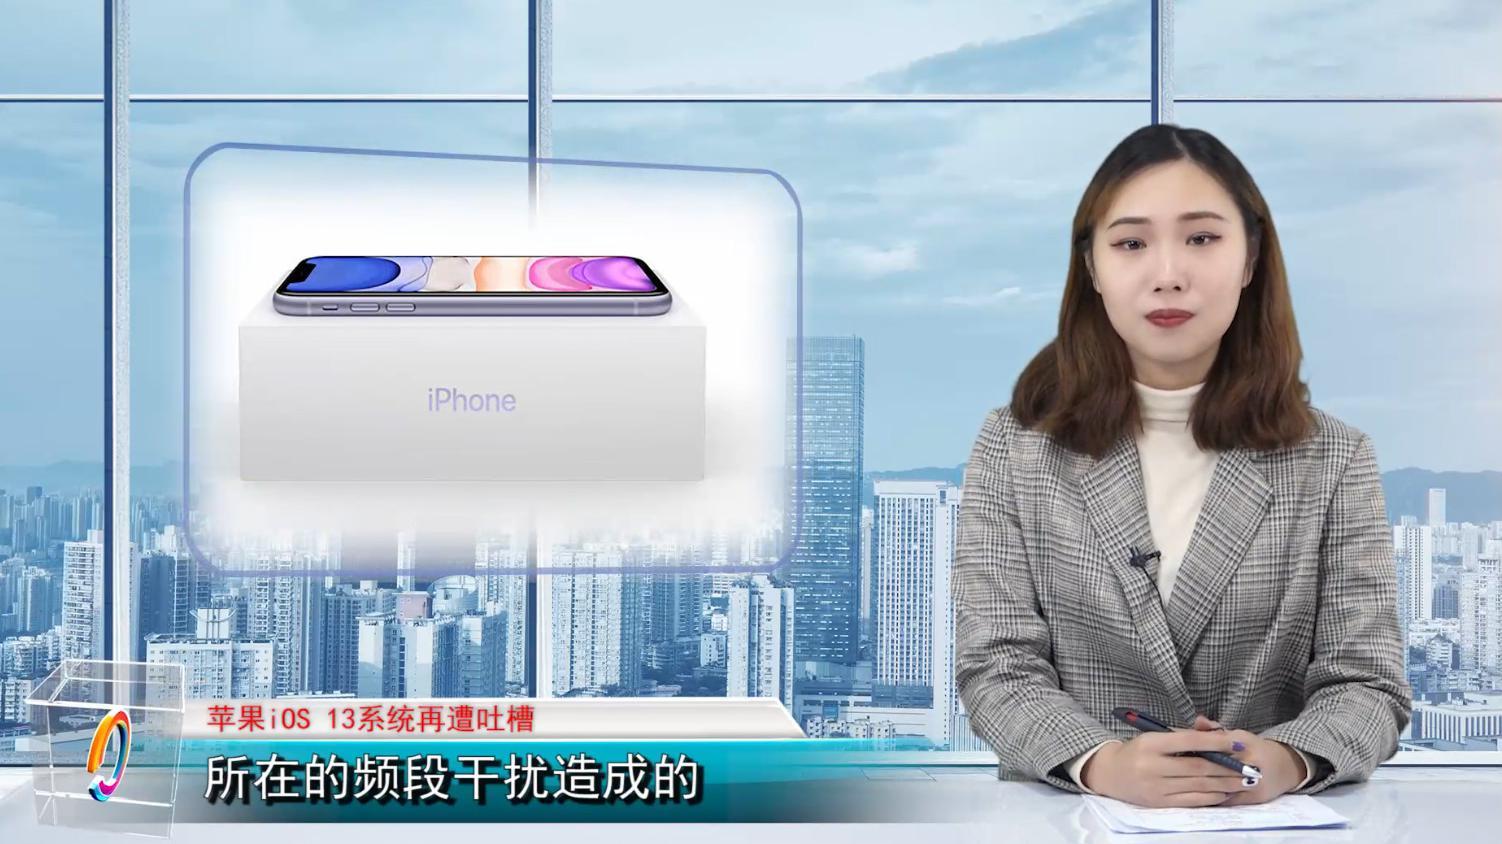 """苹果iOS13系统再遭吐槽,不""""杀后台""""了,这次缩短电池寿命"""